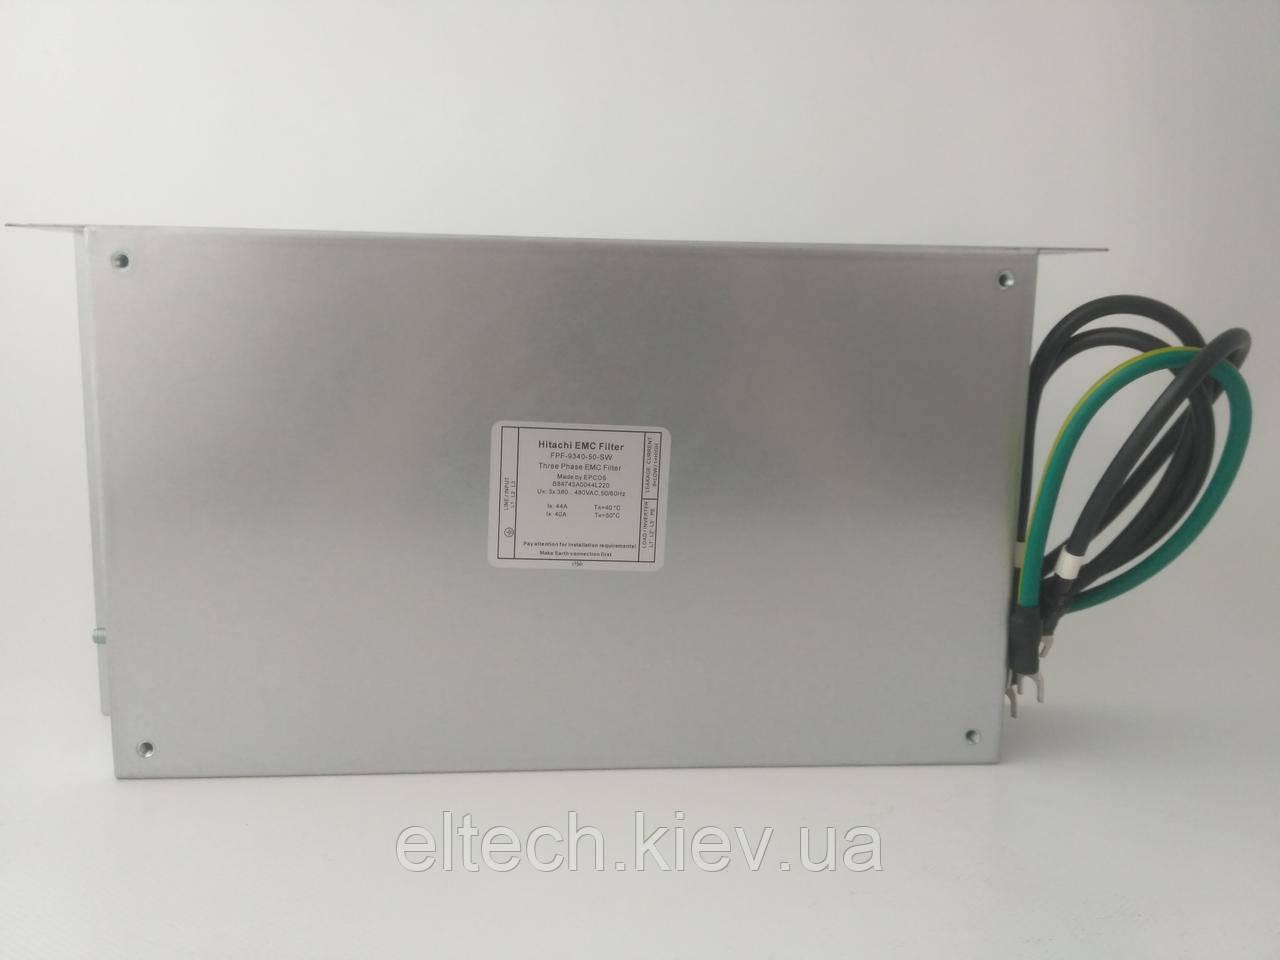 Фильтр сетевой FPF-9340-30 для WJ200-(055, 075)HF